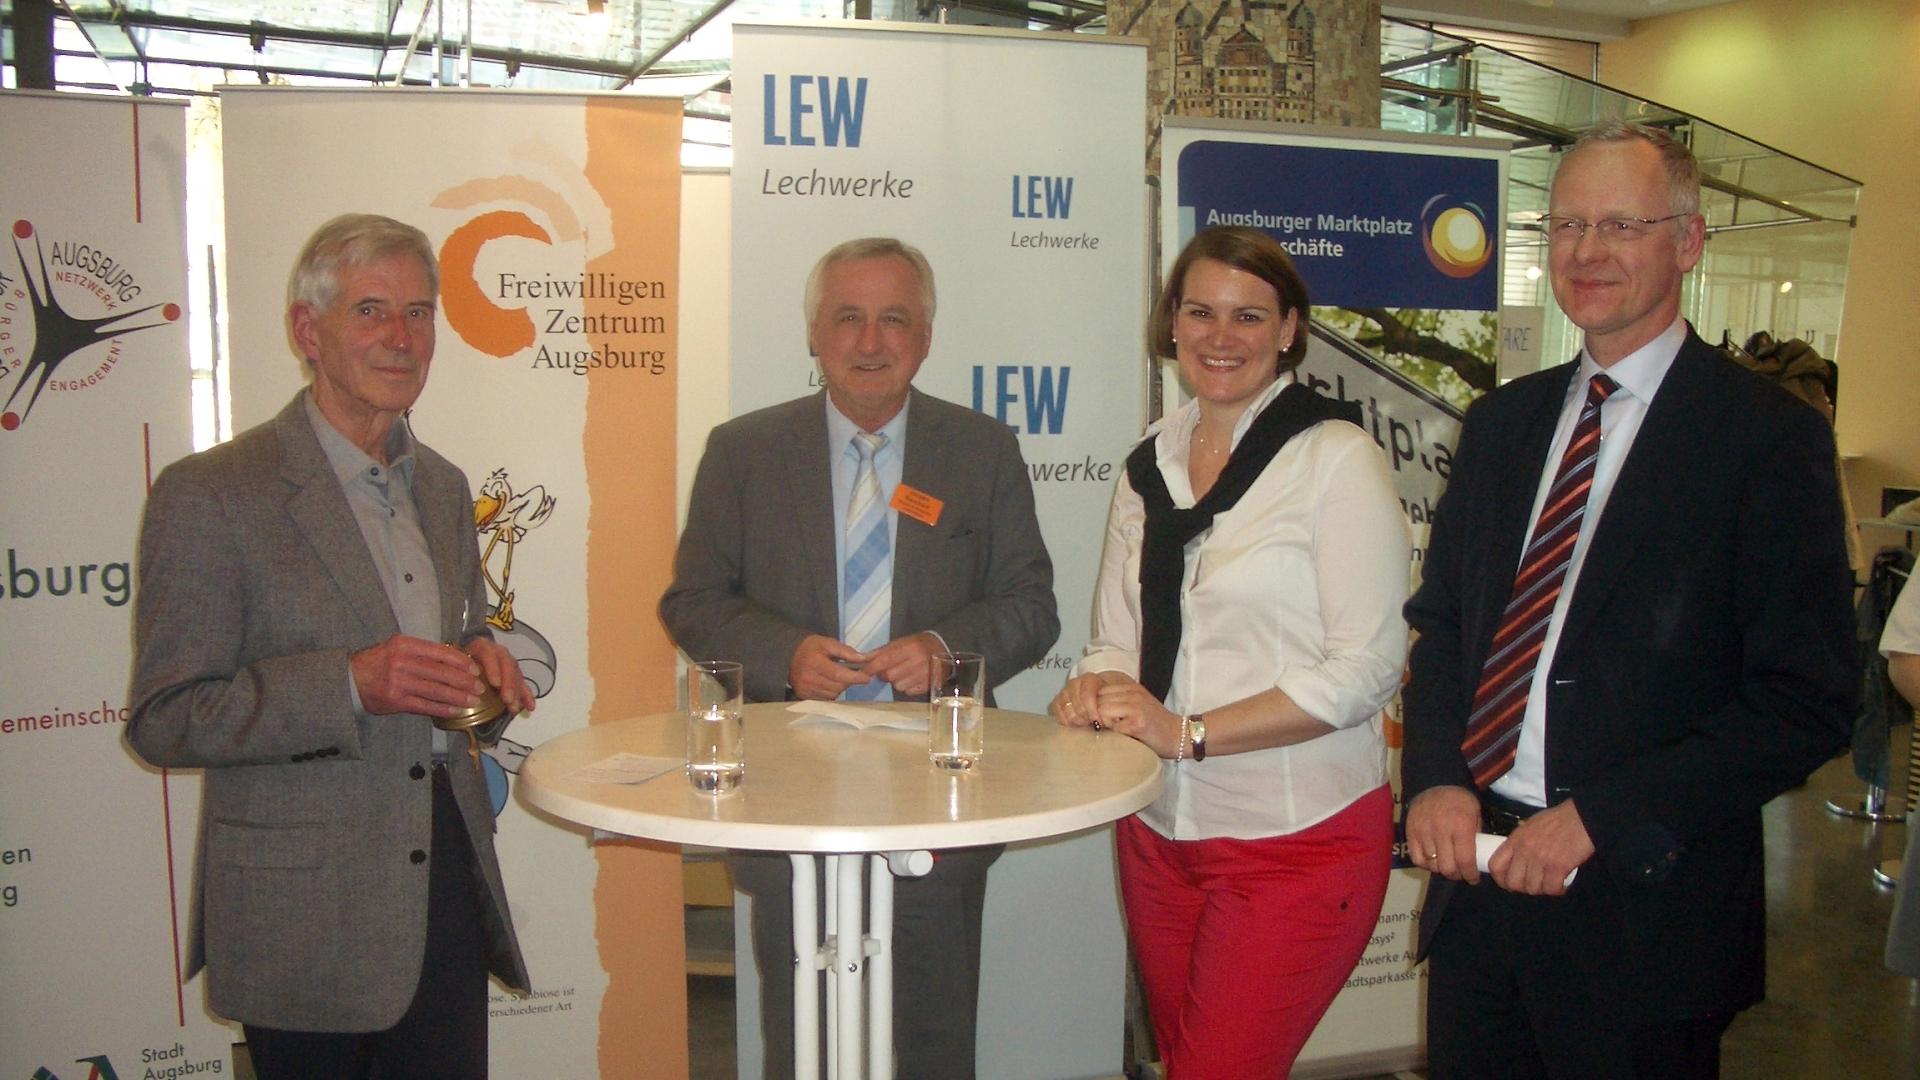 Unsere Aktion Gute Geschäfte Augsburg bei der LEW - Foto: Wolfgang F. Lightmaster